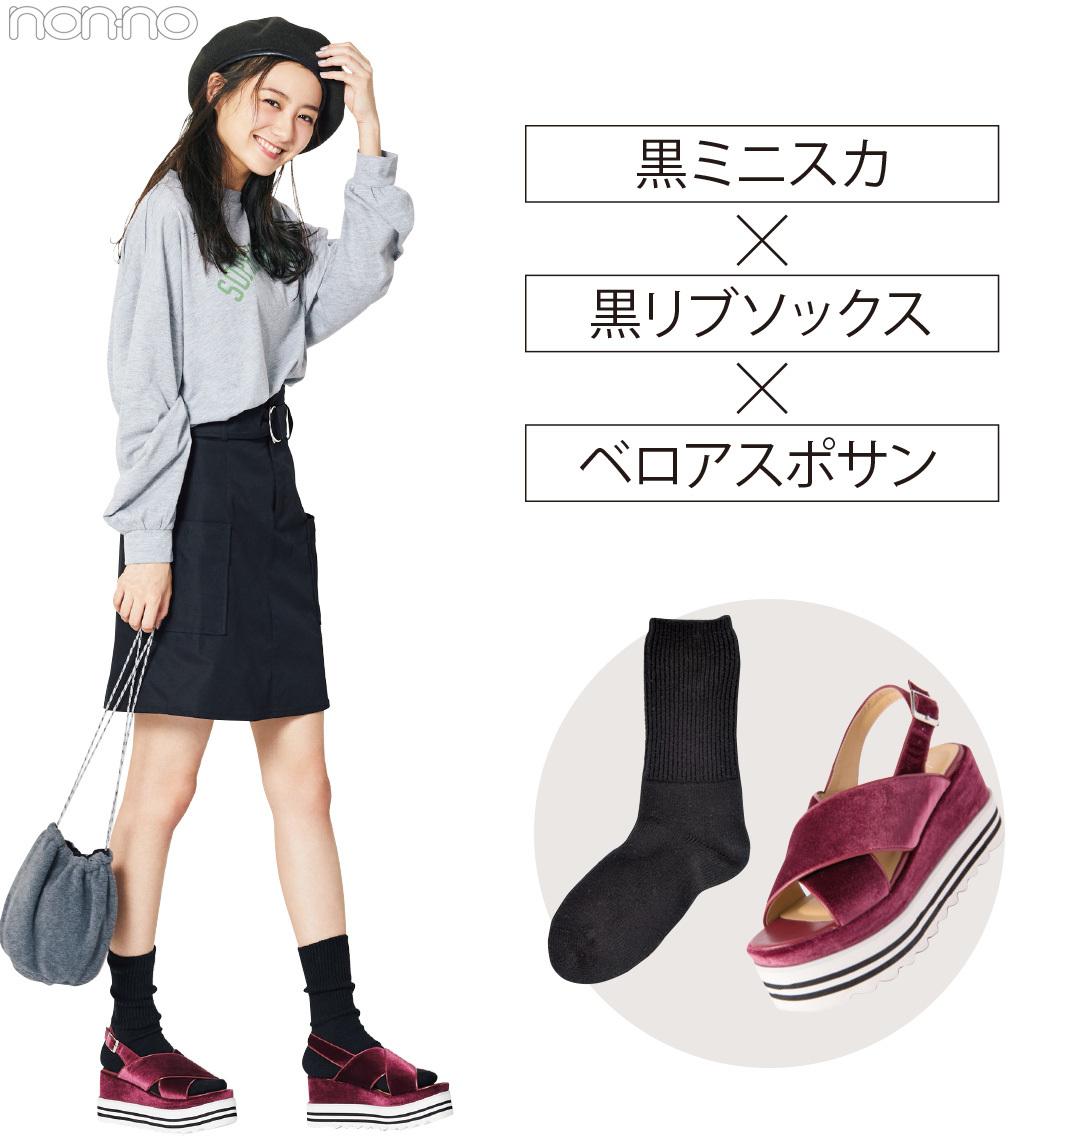 秋サンダル2018の足元コーデ★靴下合わせの正解教えます!_1_2-2